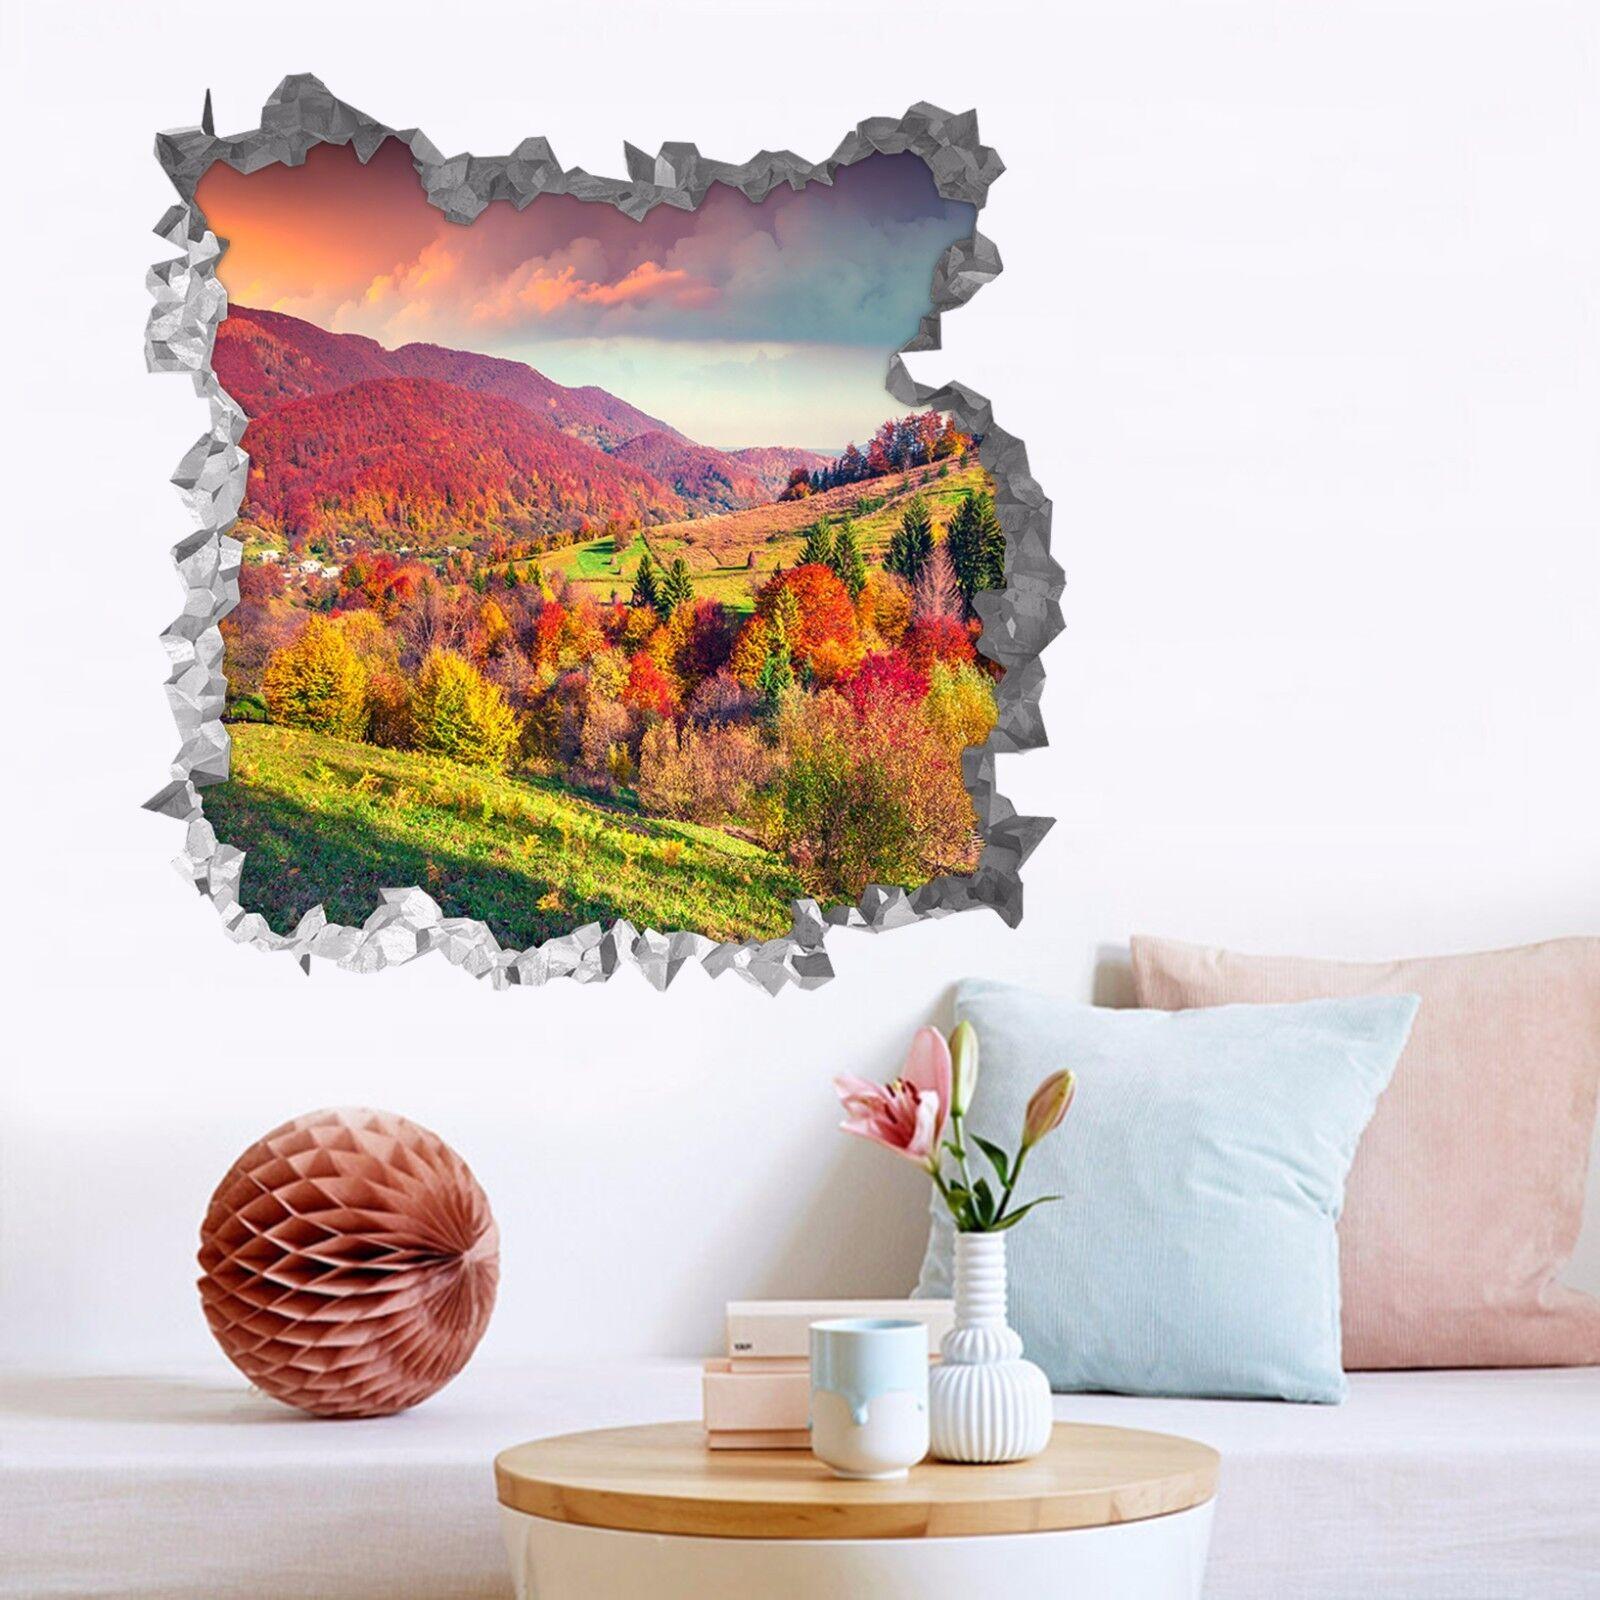 3D Farbe Wald 7454  Mauer Murals Mauer Aufklebe Decal Durchbruch AJ WALLPAPER DE